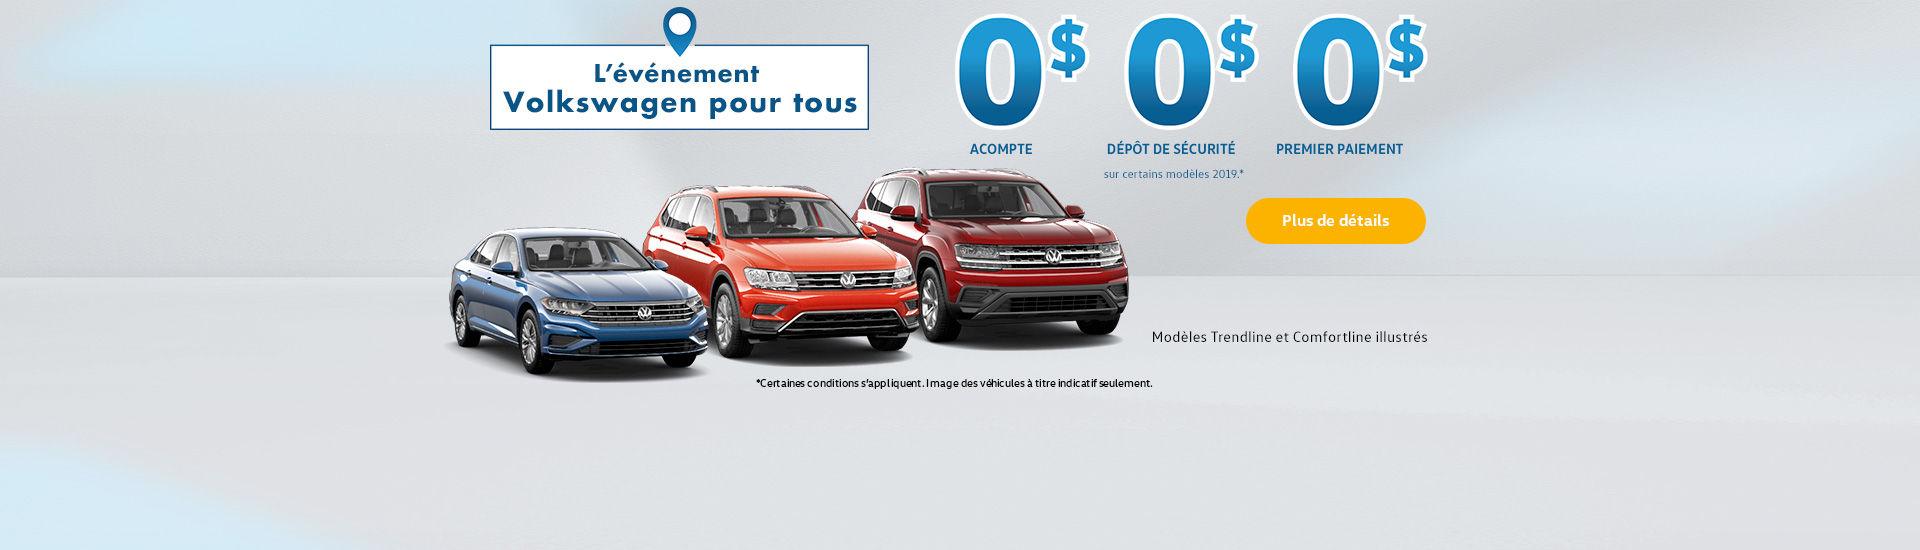 L'événement mensuel de Volkswagen pour tous